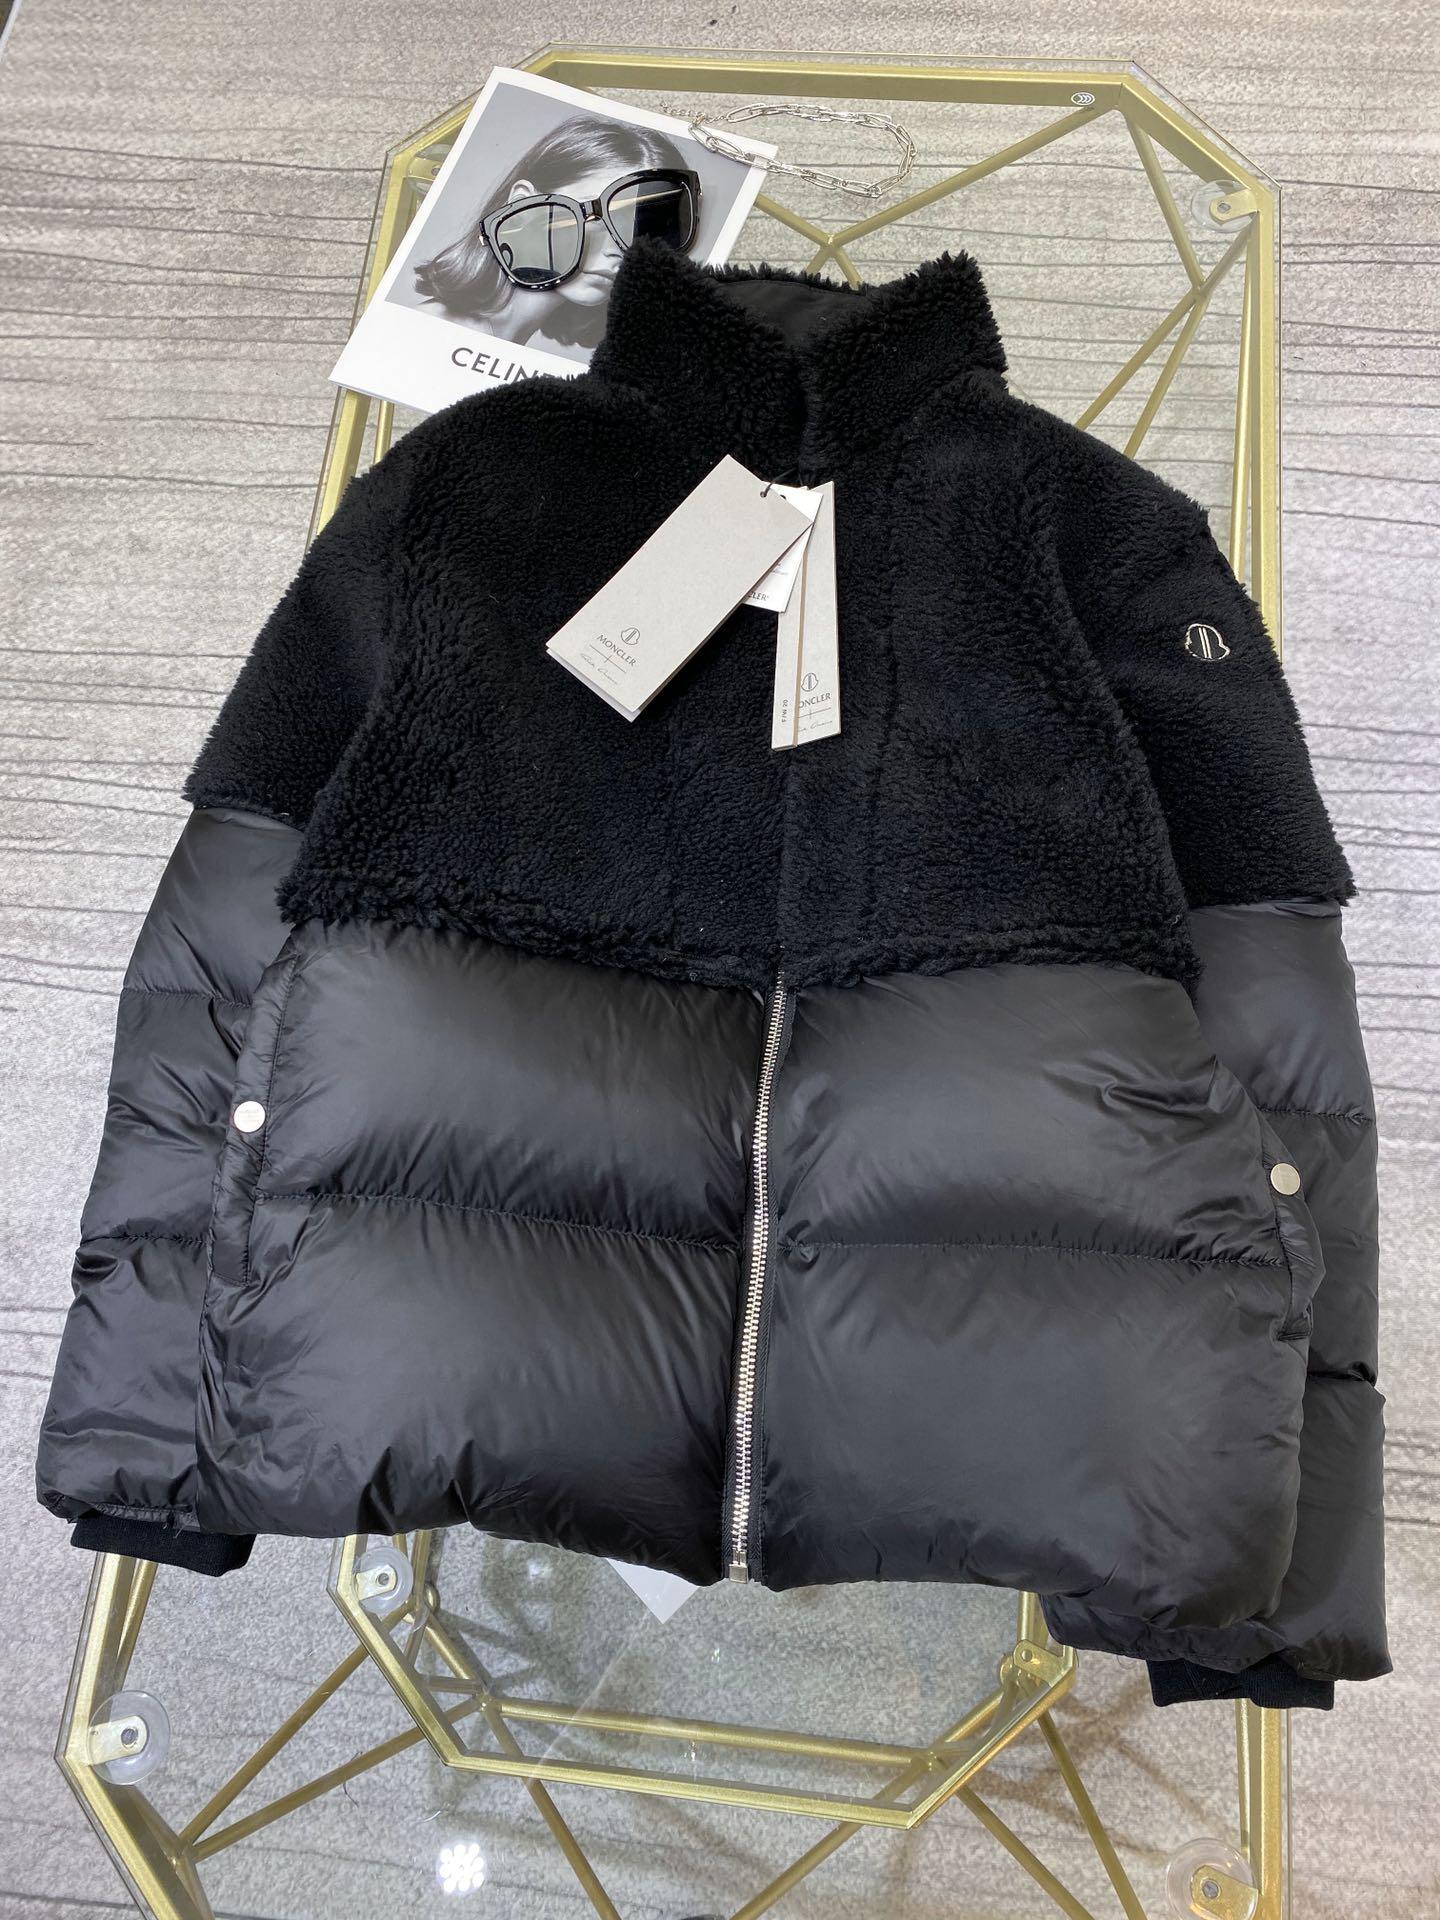 Фото Женский зимний пуховик черный, верх натуральная овчина - ukrfashion.com.ua